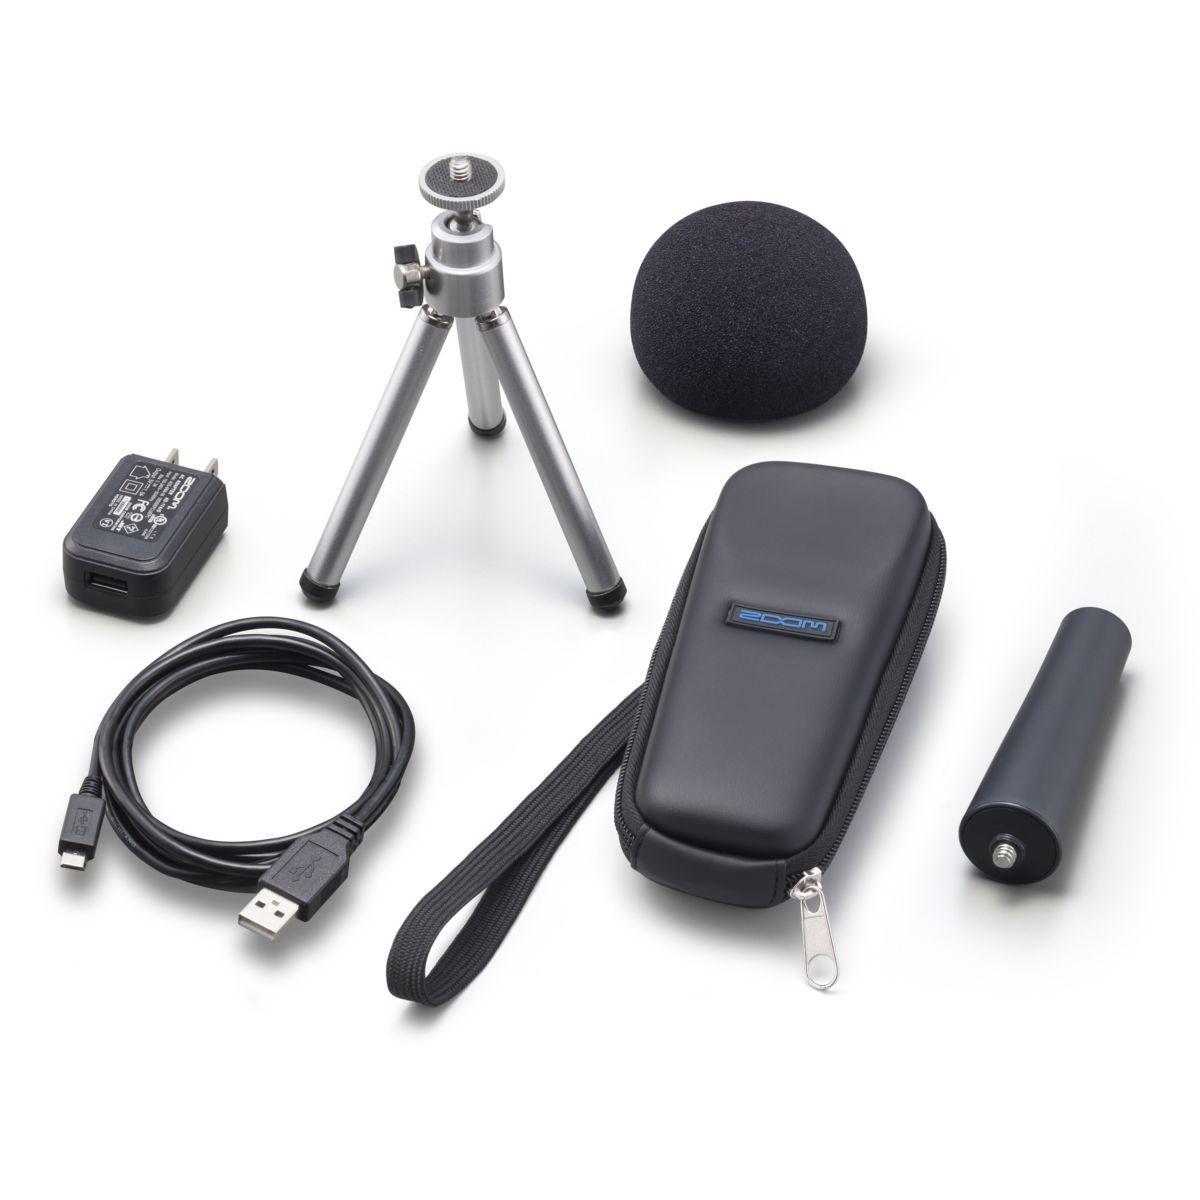 Kit d'accessoires zoom aph-1 - pack d'accessoires pour h1 - livraison offerte : code liv (photo)